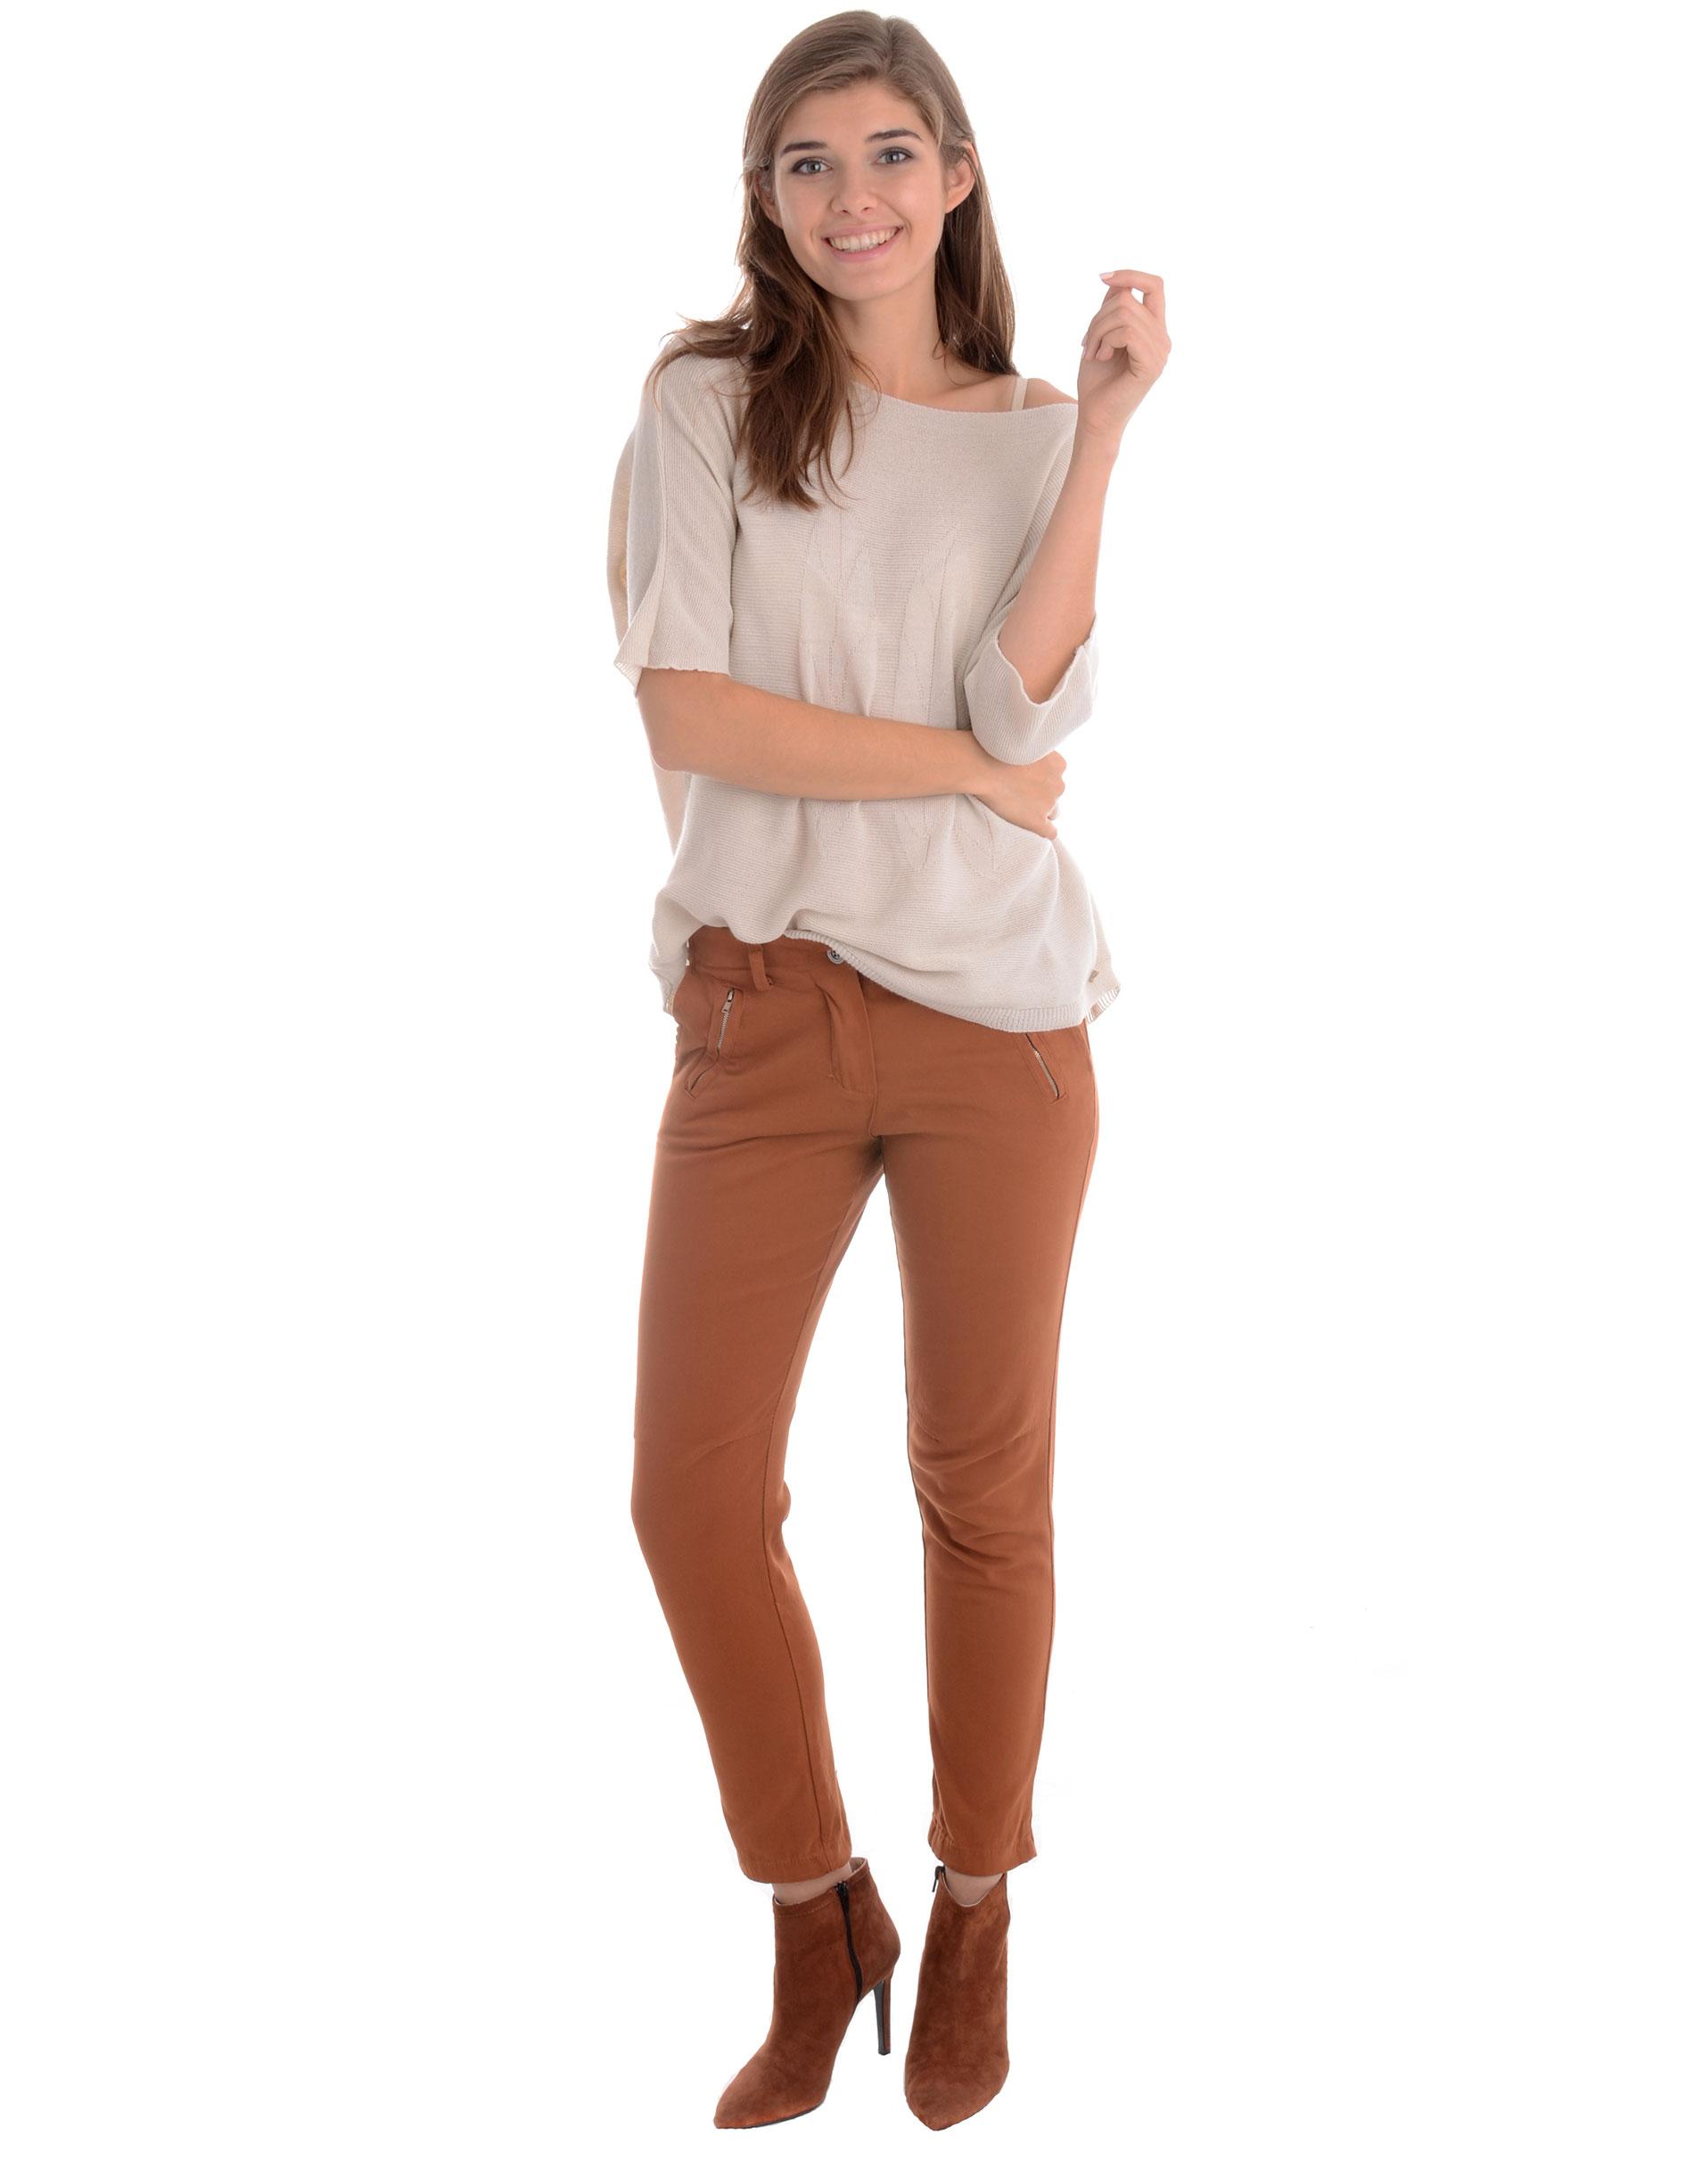 Spodnie - 13-16065A MAT - Unisono